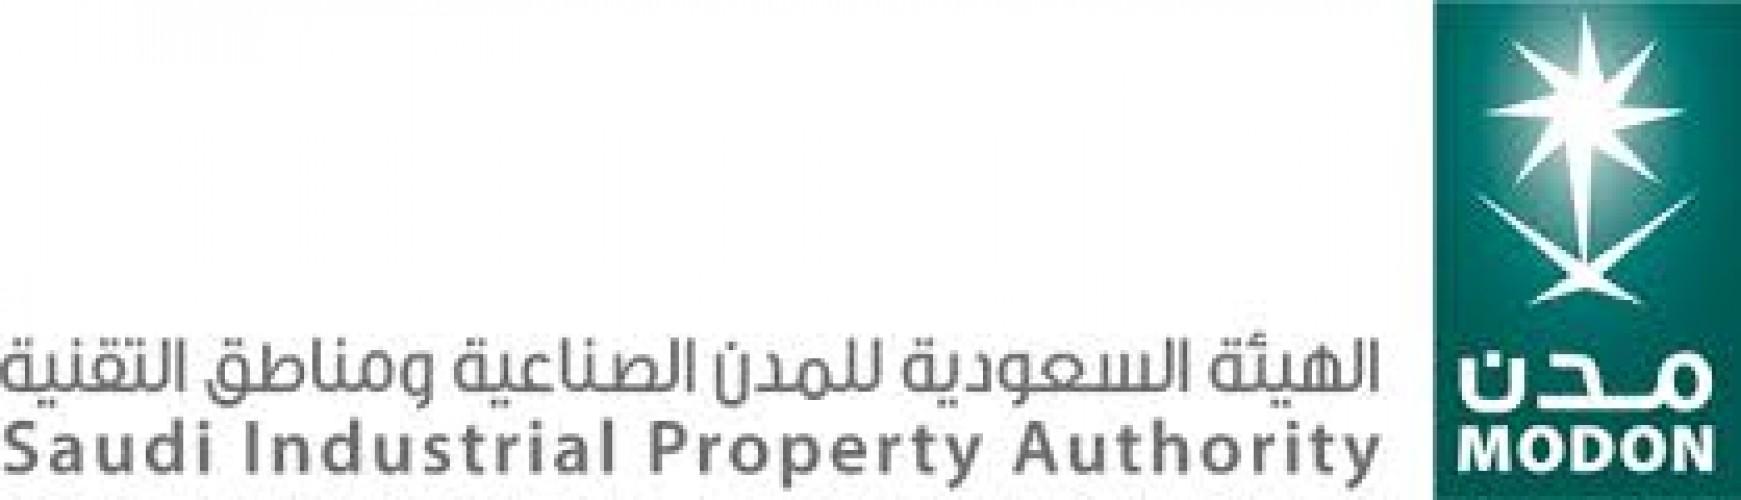 الهيئة السعودية للمدن الصناعية توفر وظائف إدارية وهندسية شاغرة